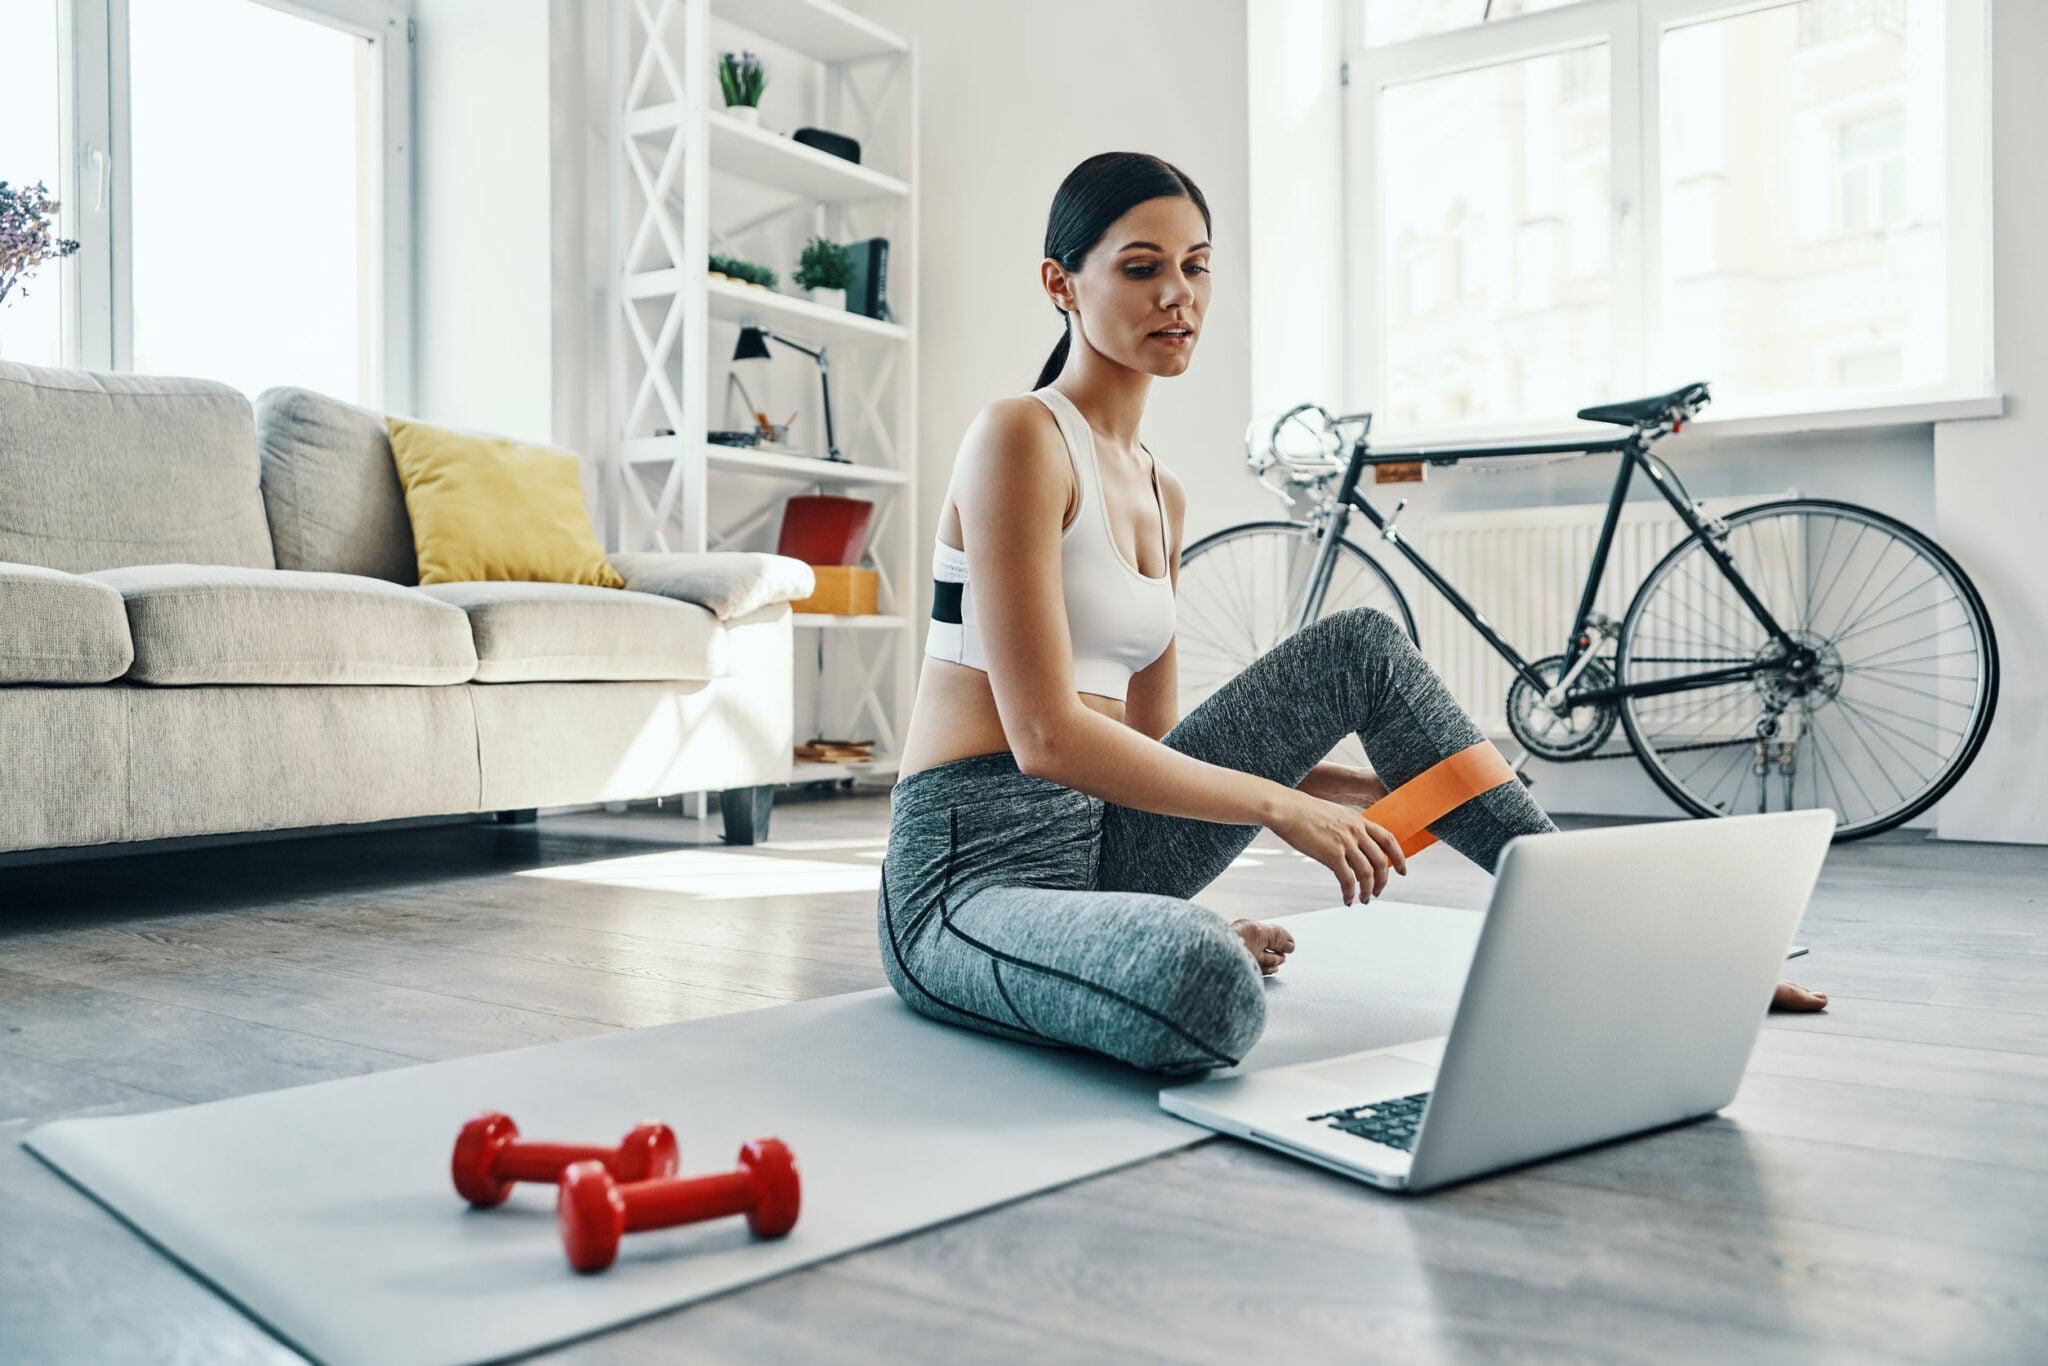 Thuis sporten; tips voor full body home work out oefeningen ook voor vrouwen en beginners - Mamaliefde.nl